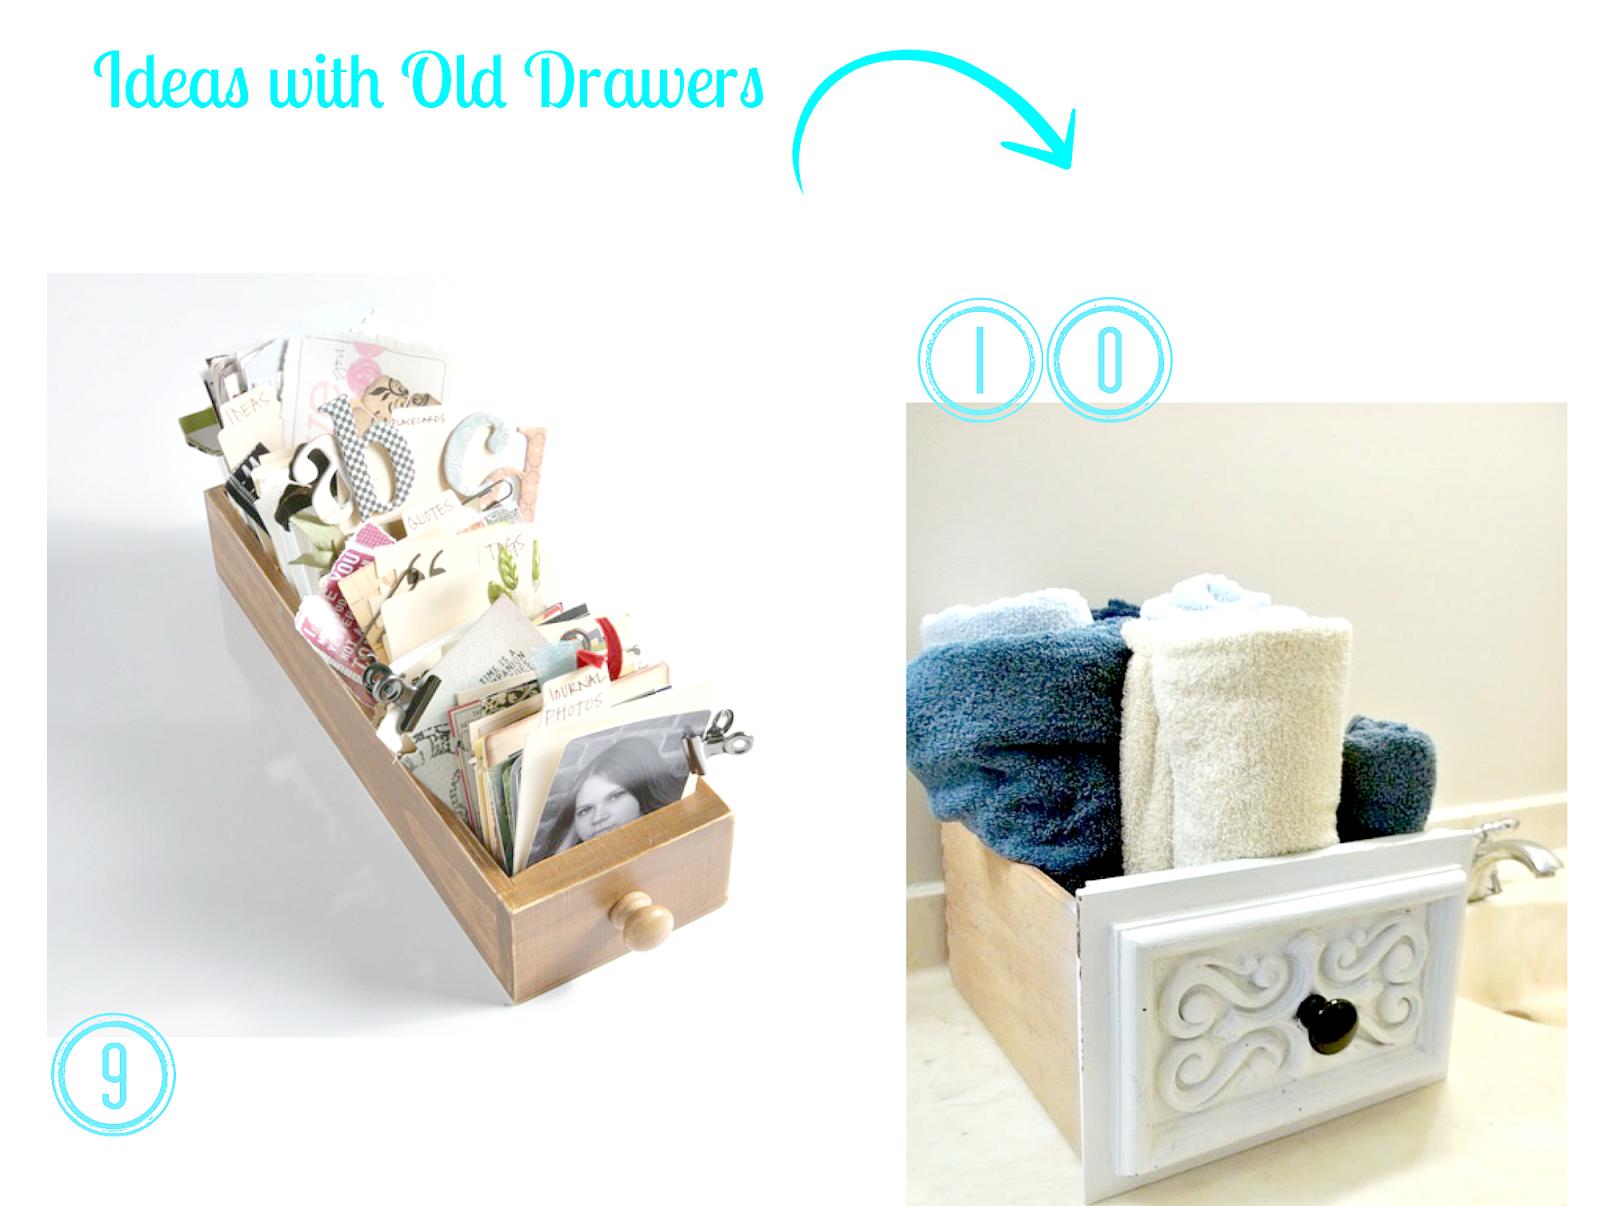 DIY drawers